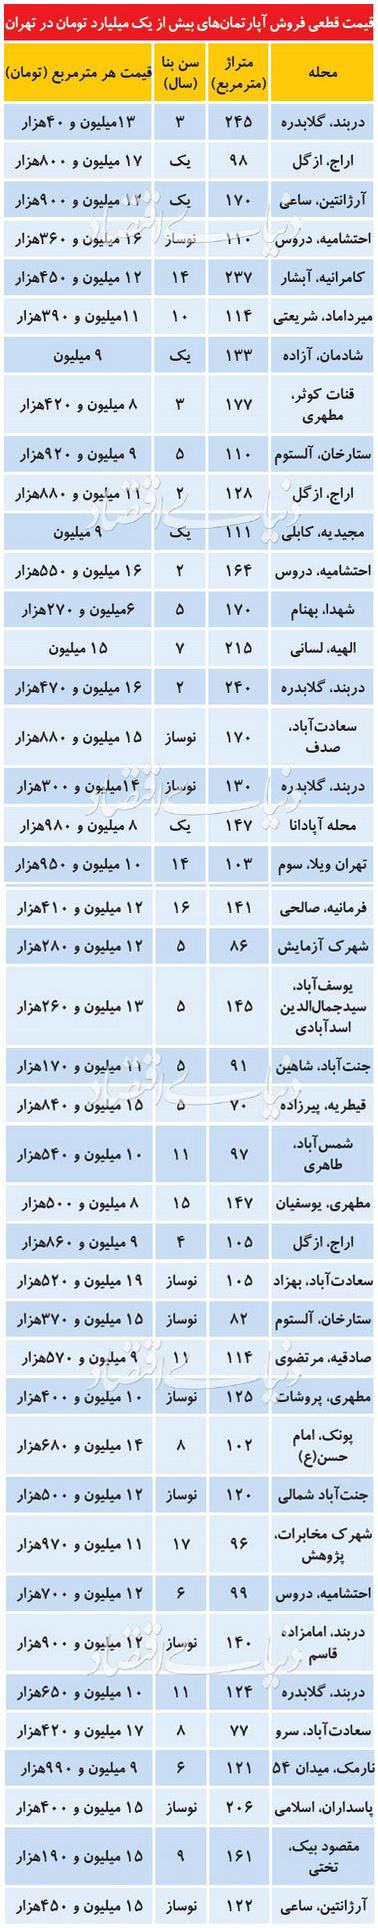 قیمتهای نجومی آپارتمانهای تهرانی+لیست قیمت ها